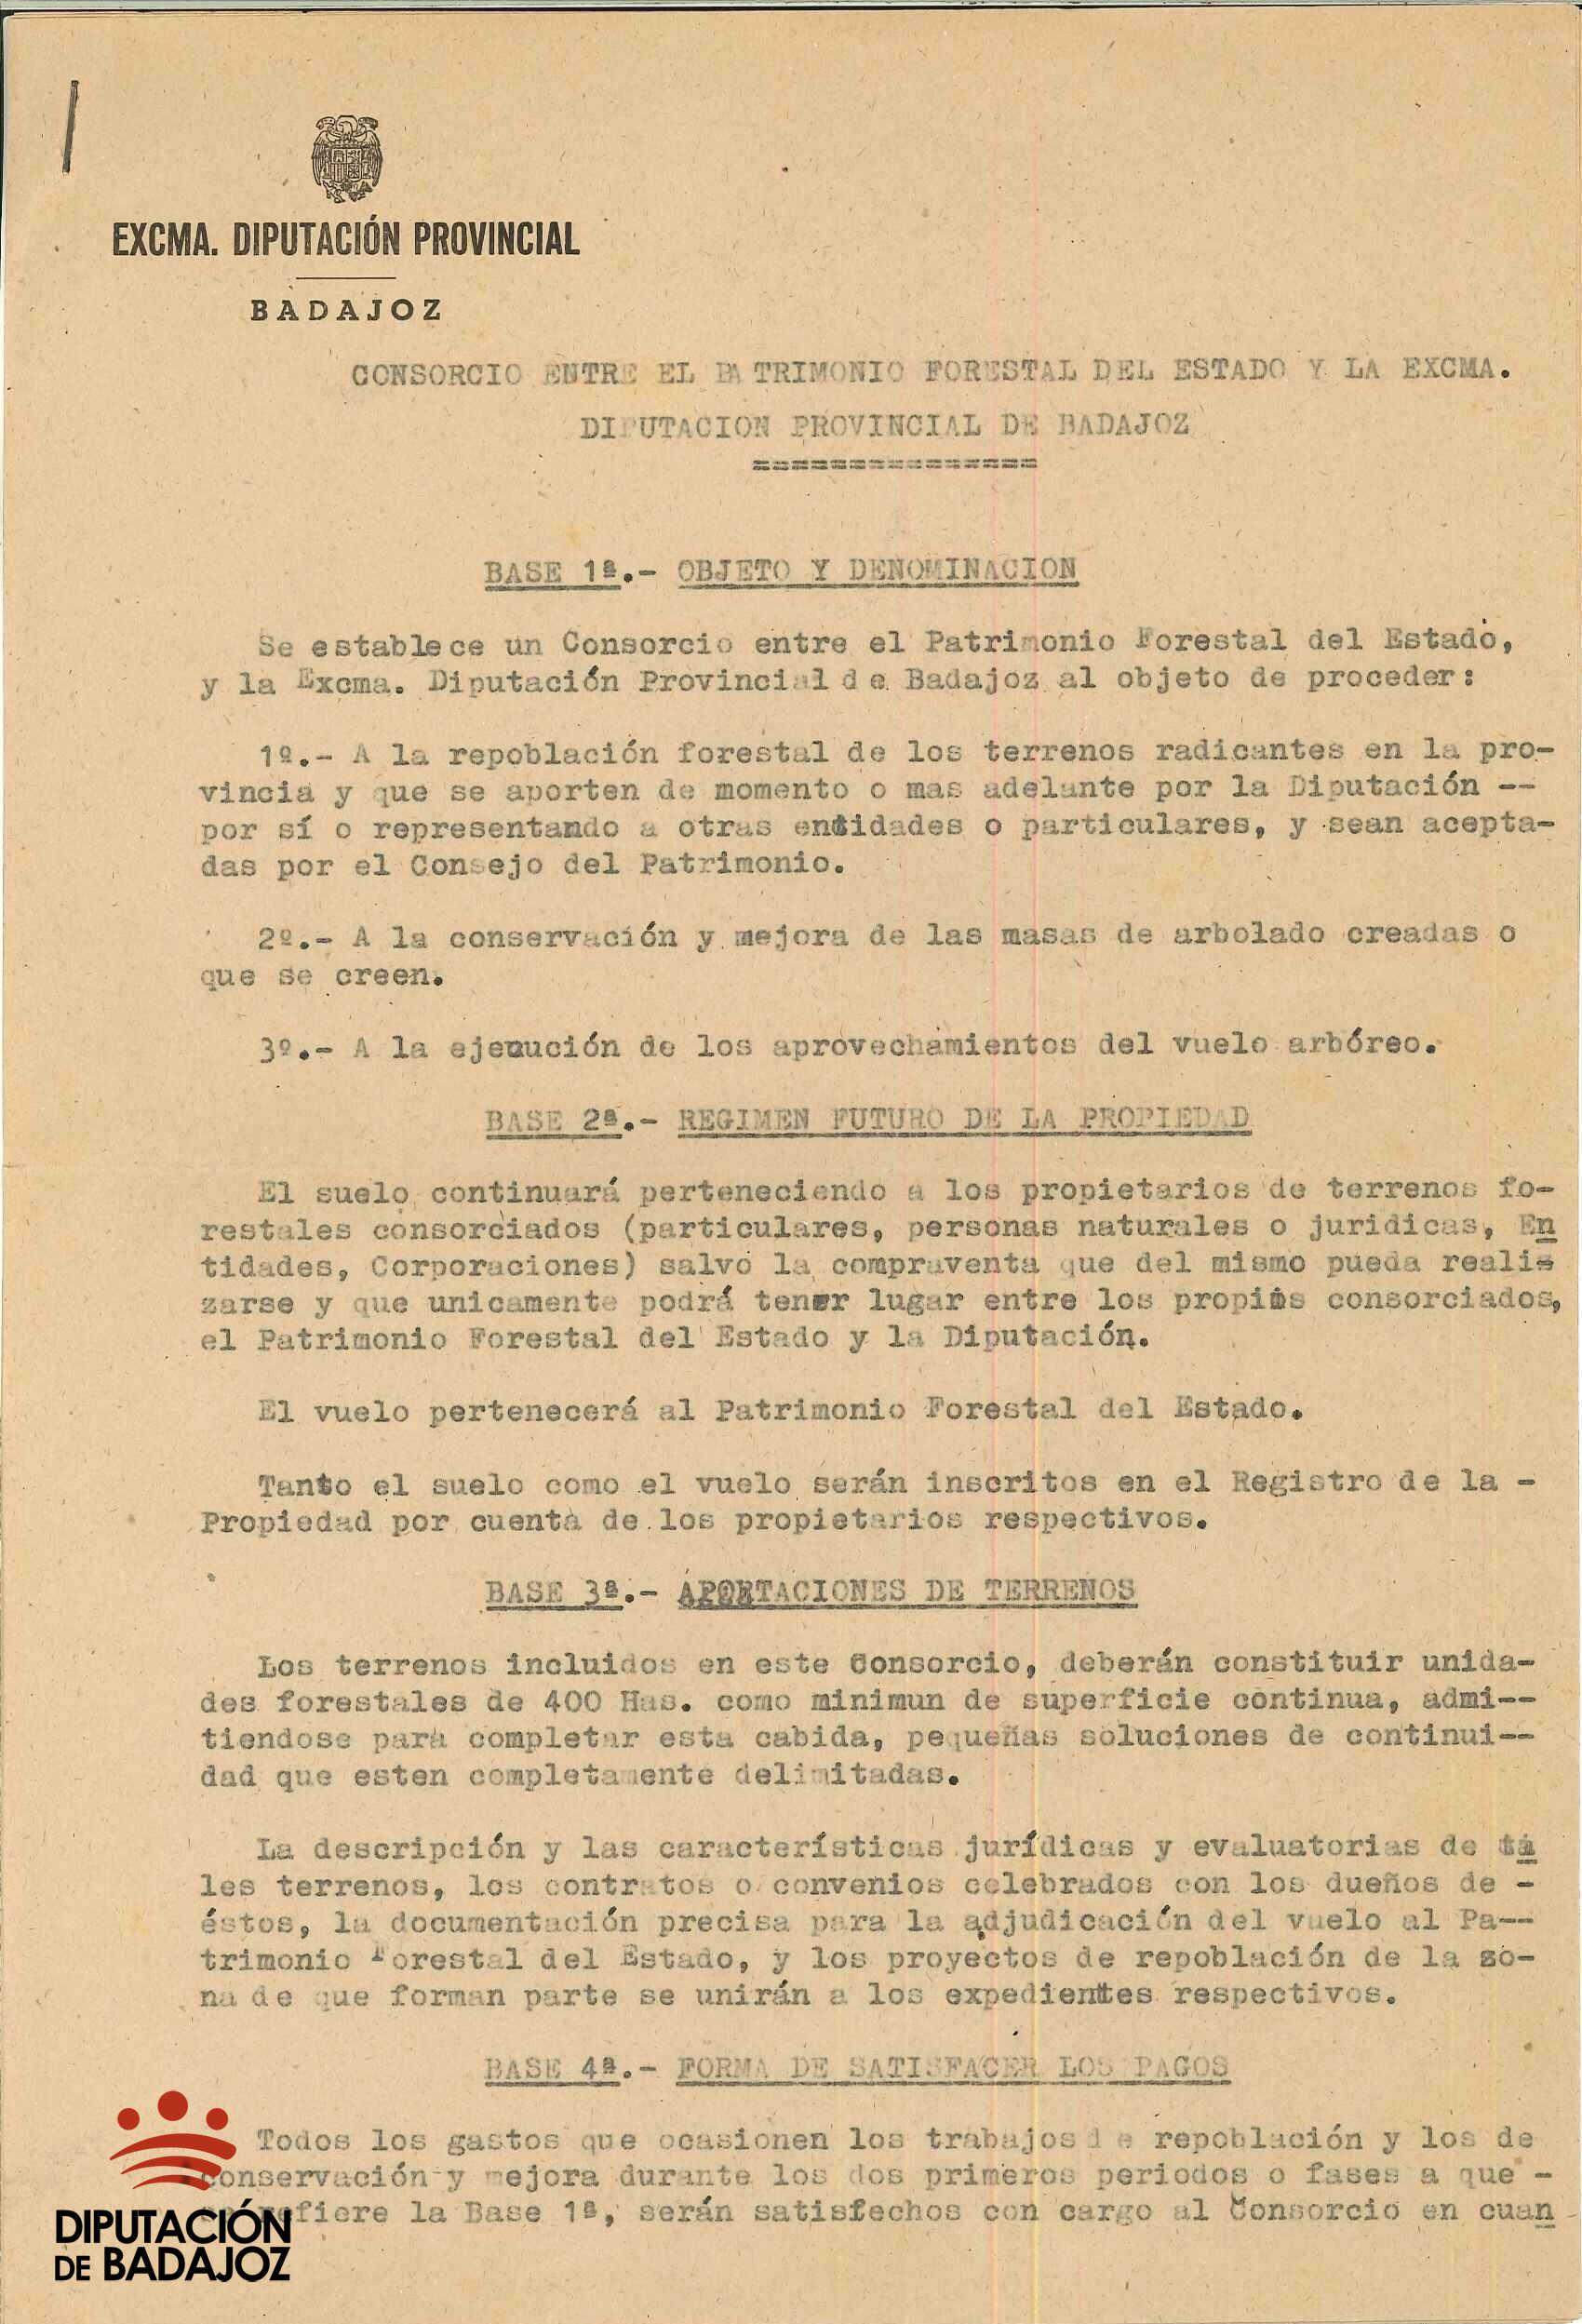 Consorcio Diputación Provincial-Patrimonio Forestal del Estado.